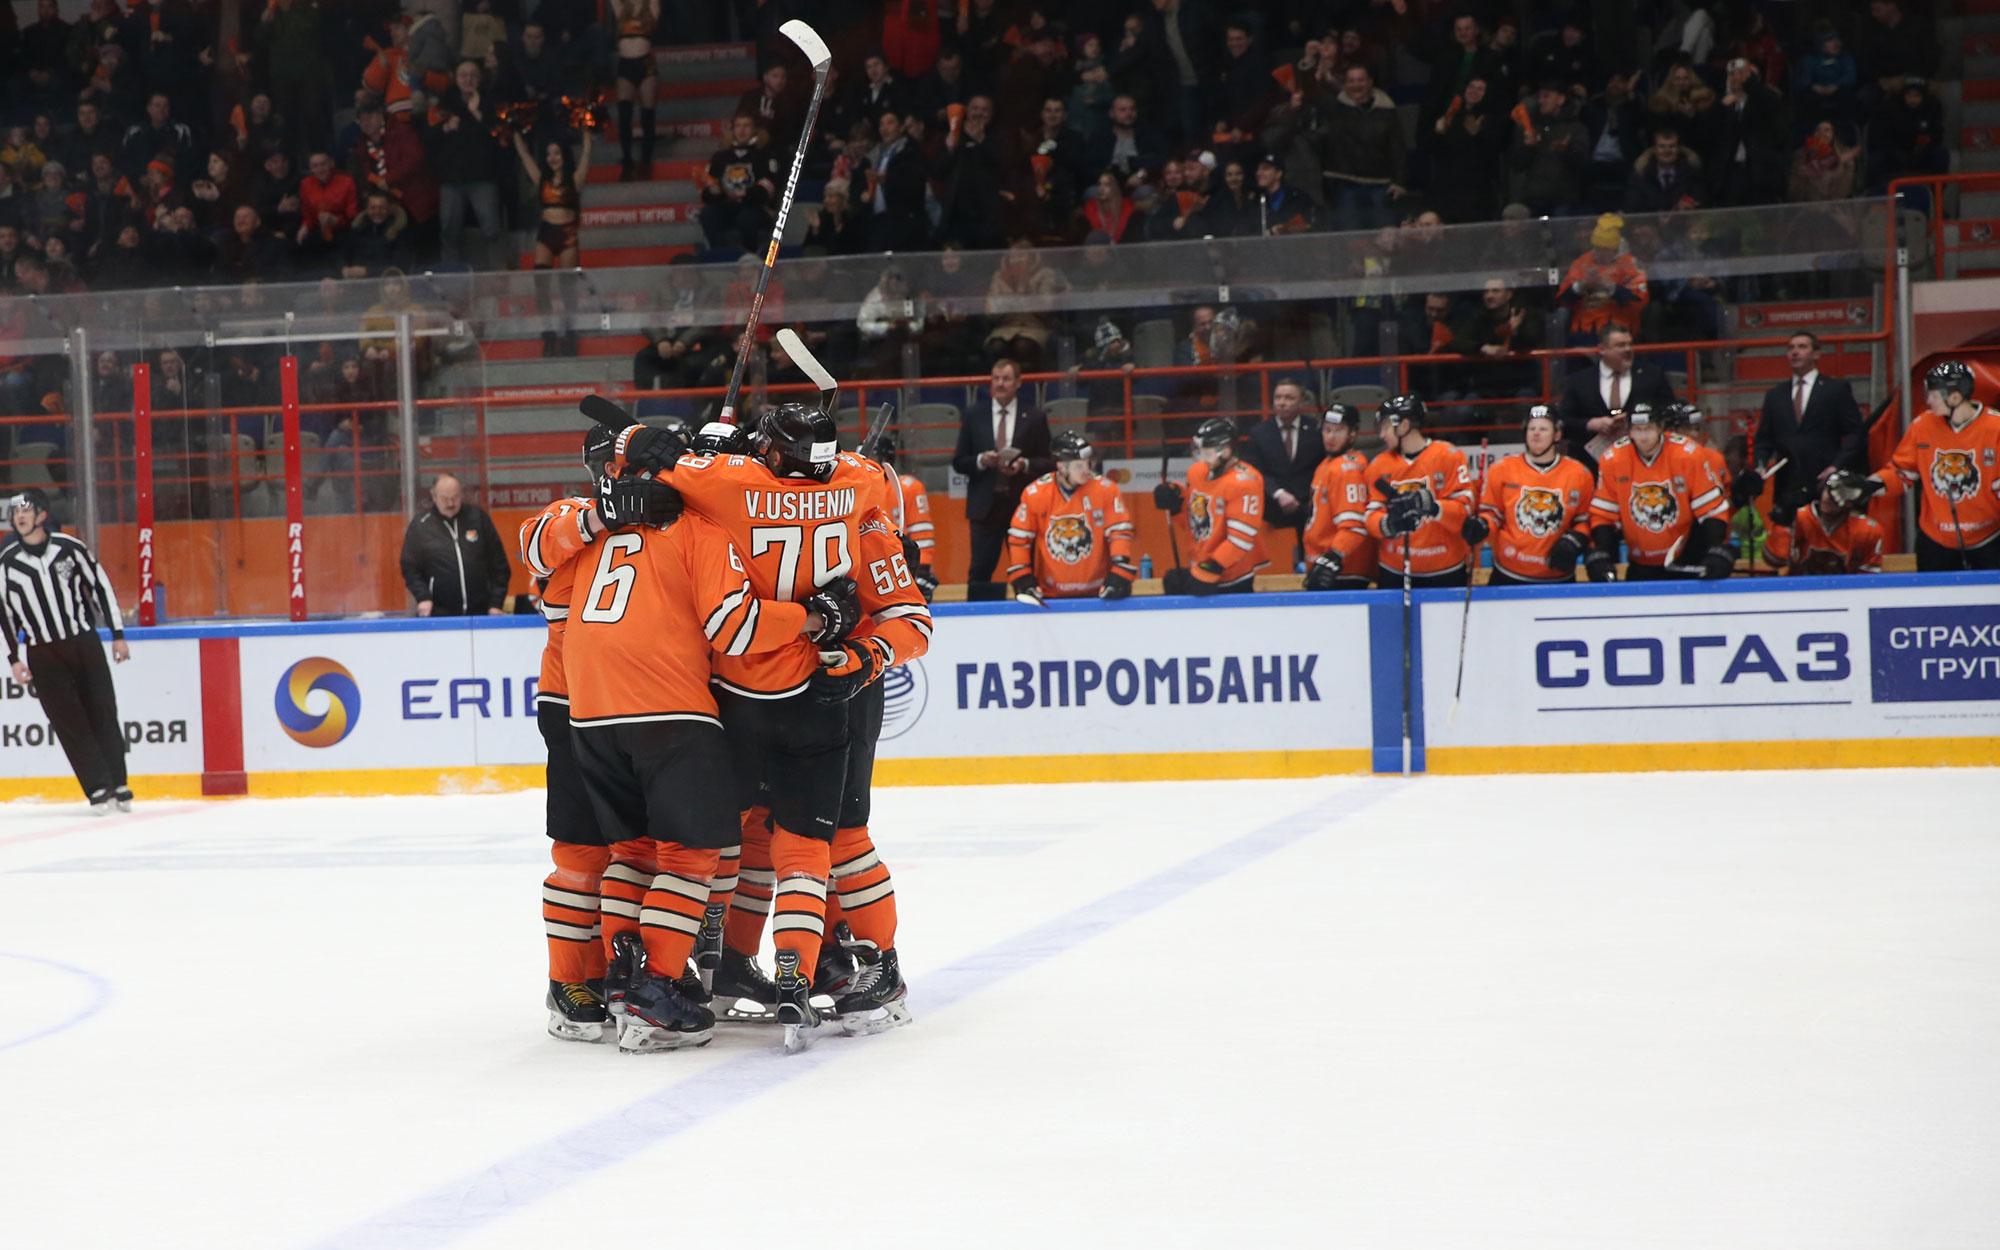 Хоккейный клуб цска турнирная таблица москва ночные клубы оренбурга инфинити